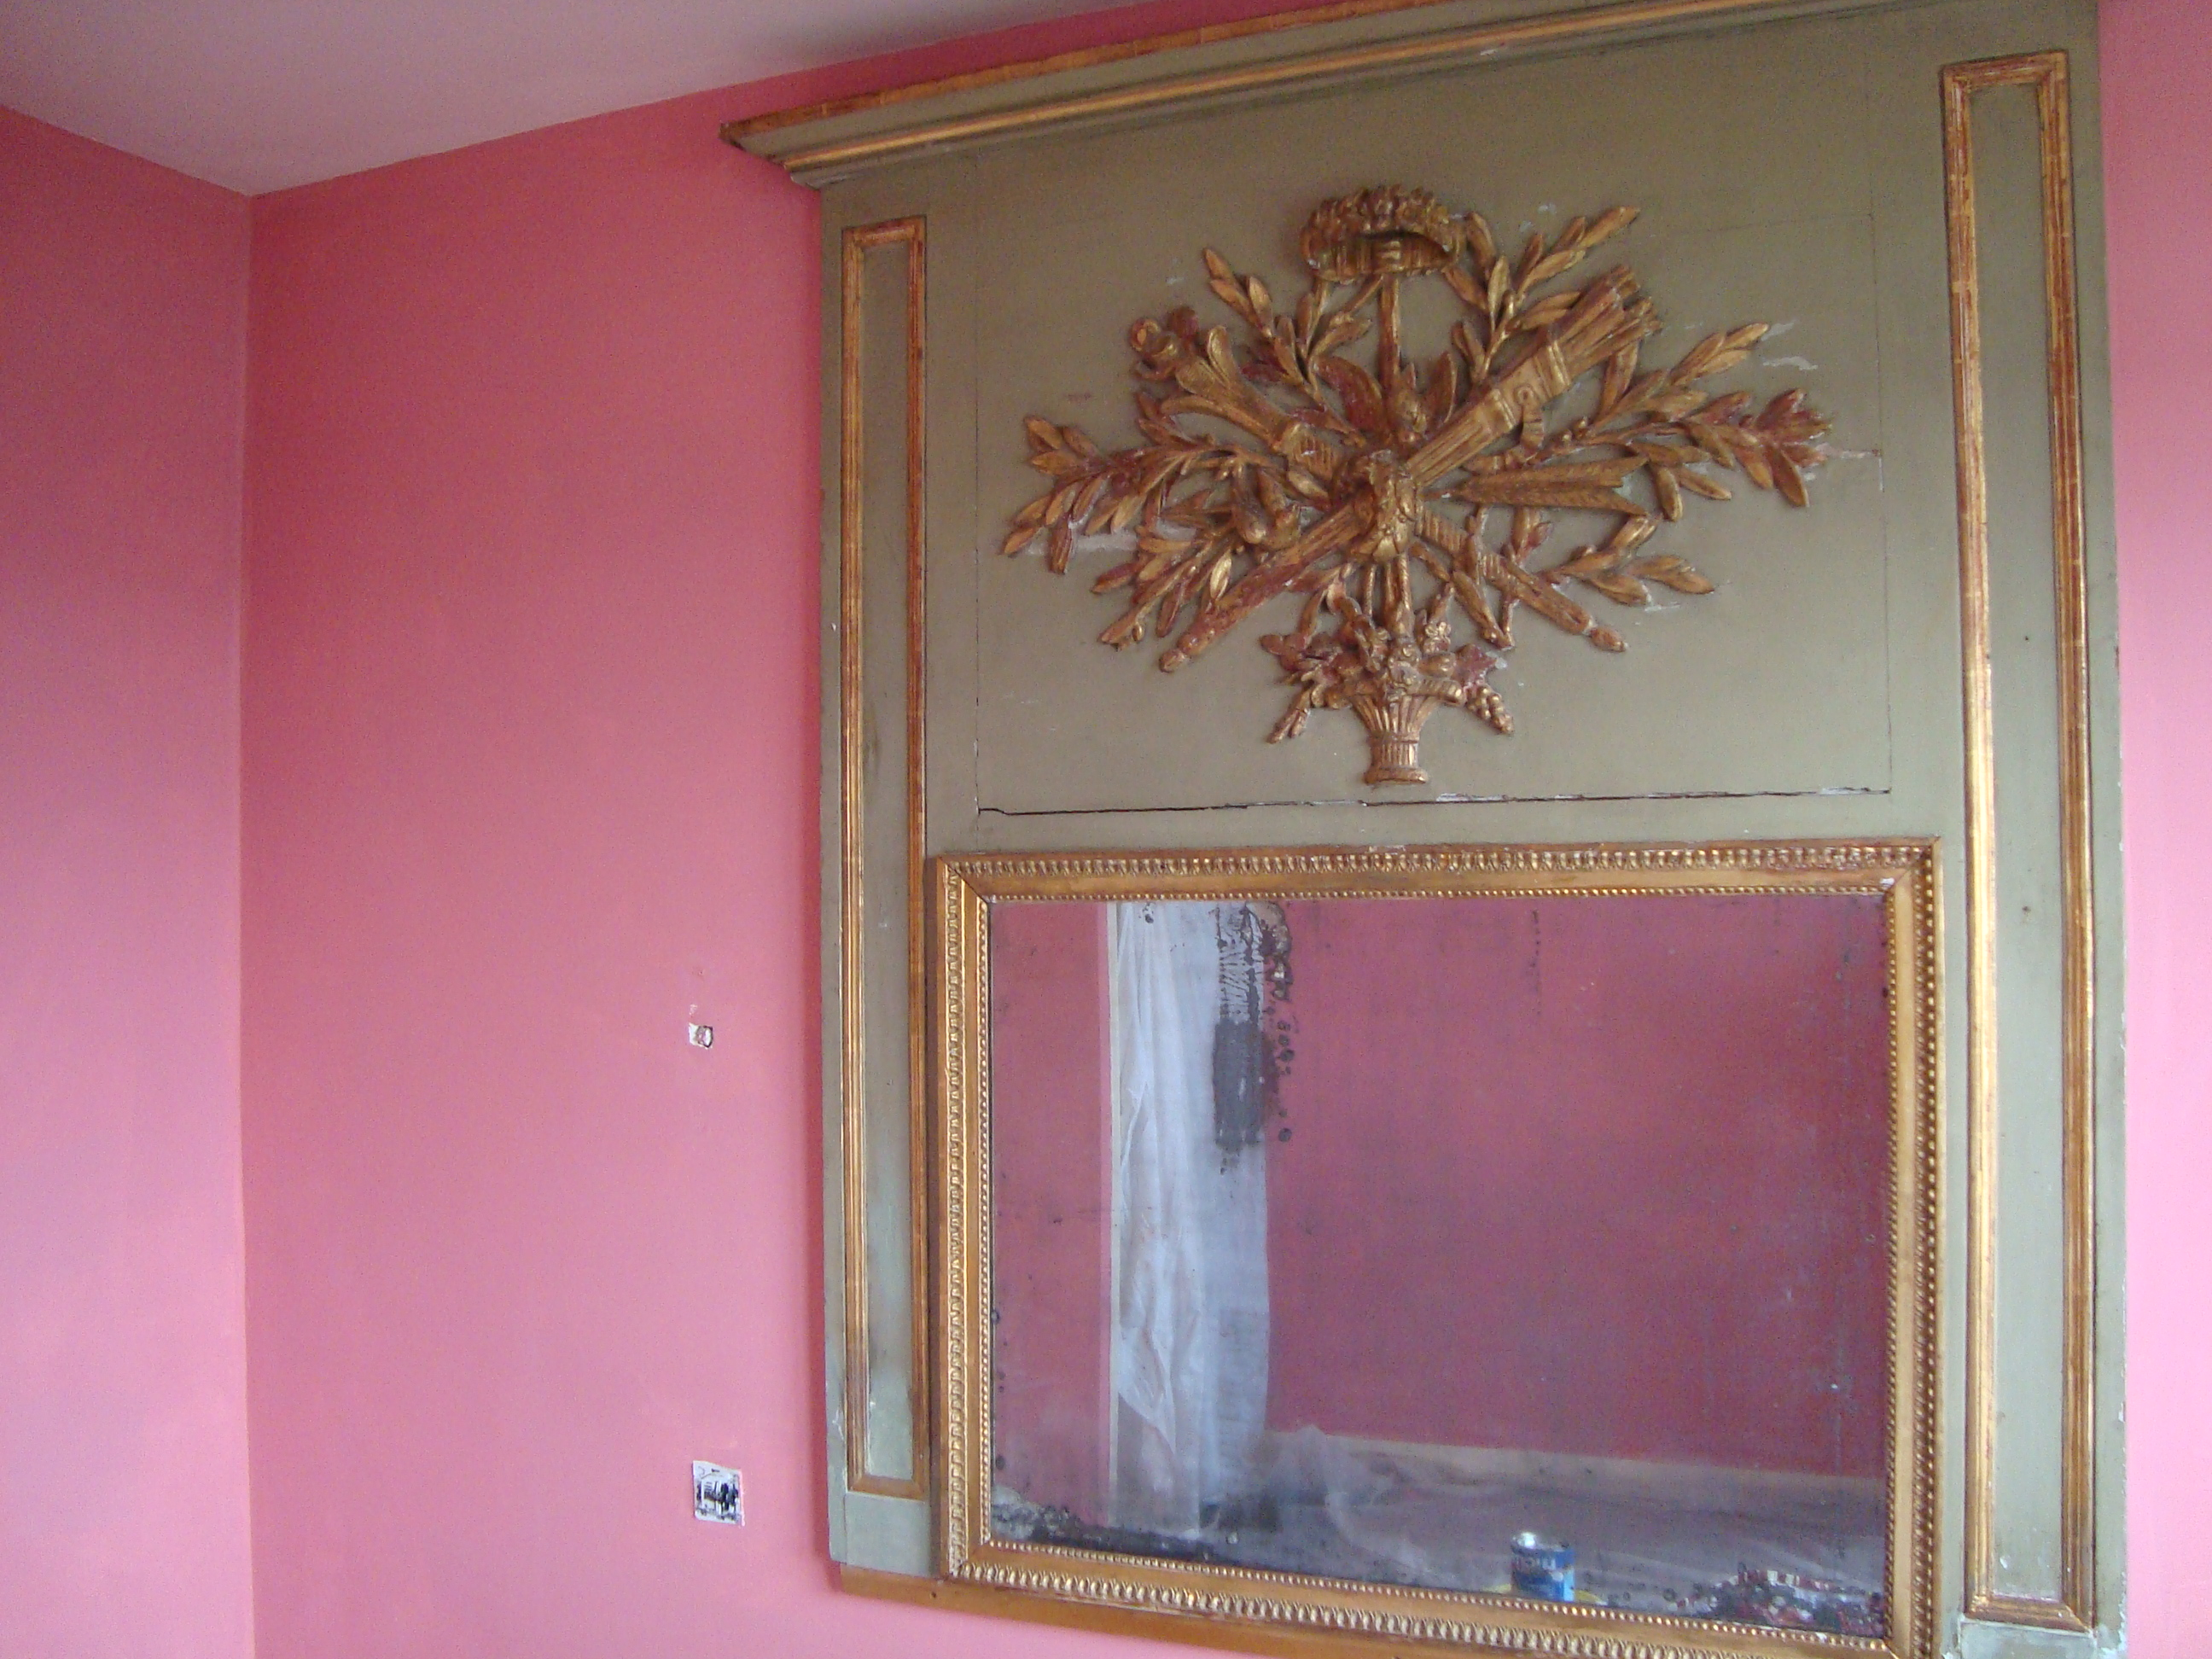 Le blog d' ambiance deco, conseil en décoration d'intérieur: avril ...